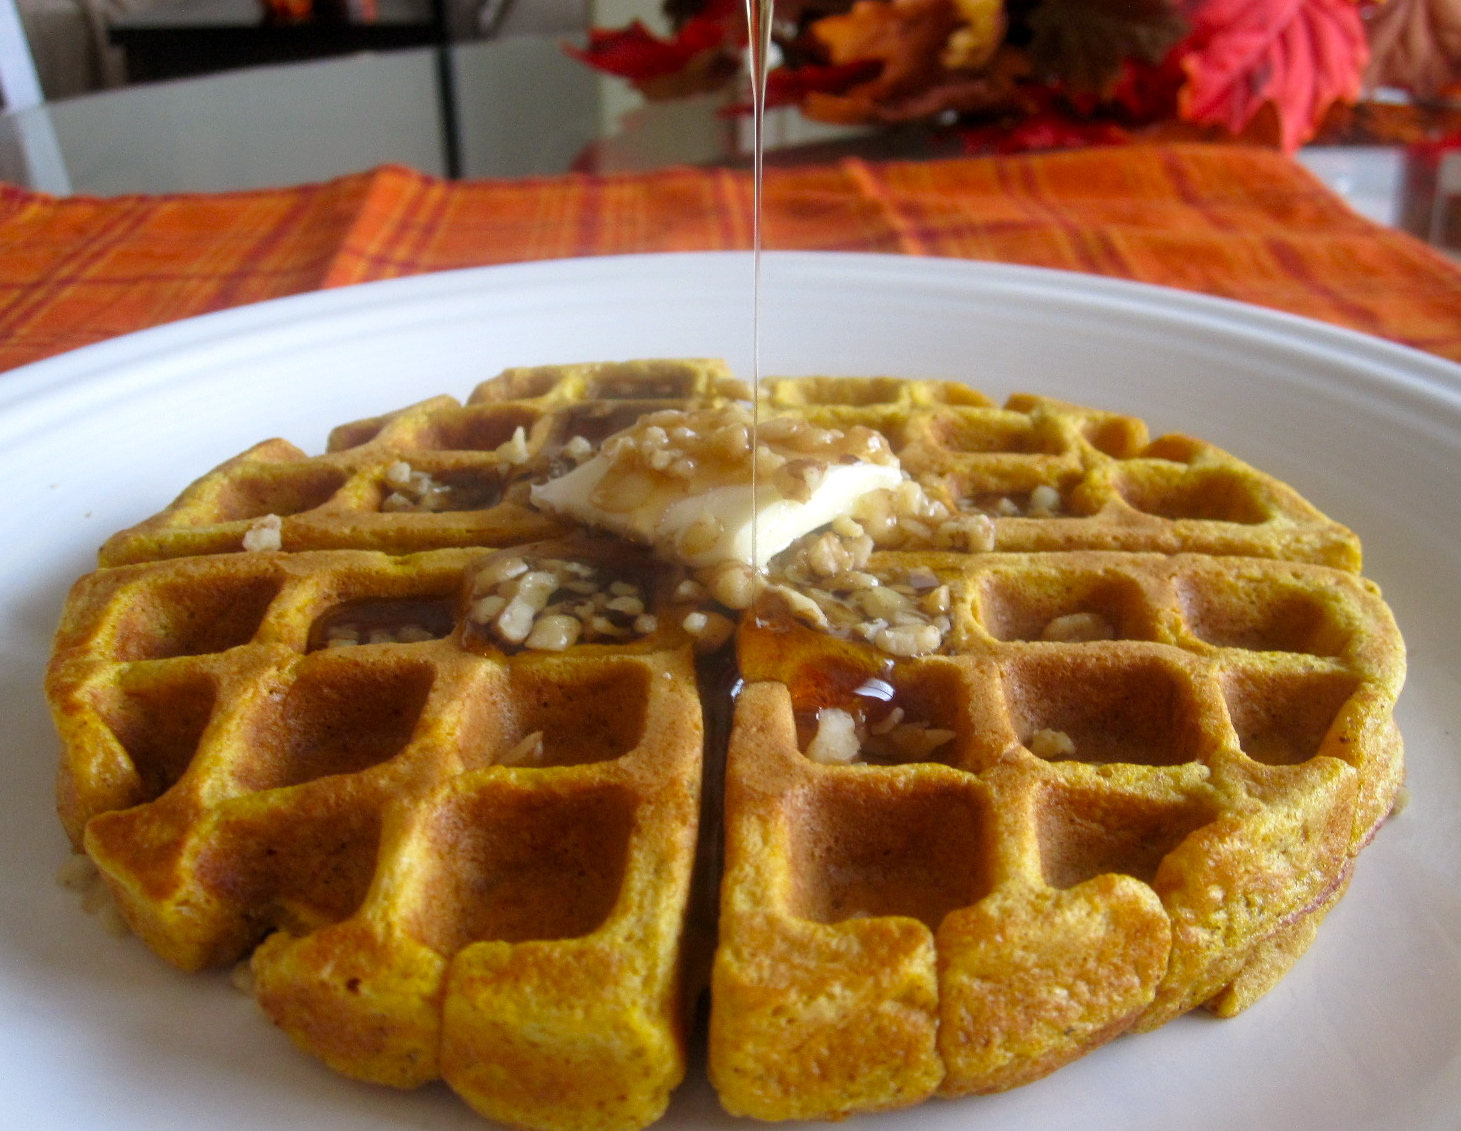 The Cultural Dish: Pumpkin Waffles